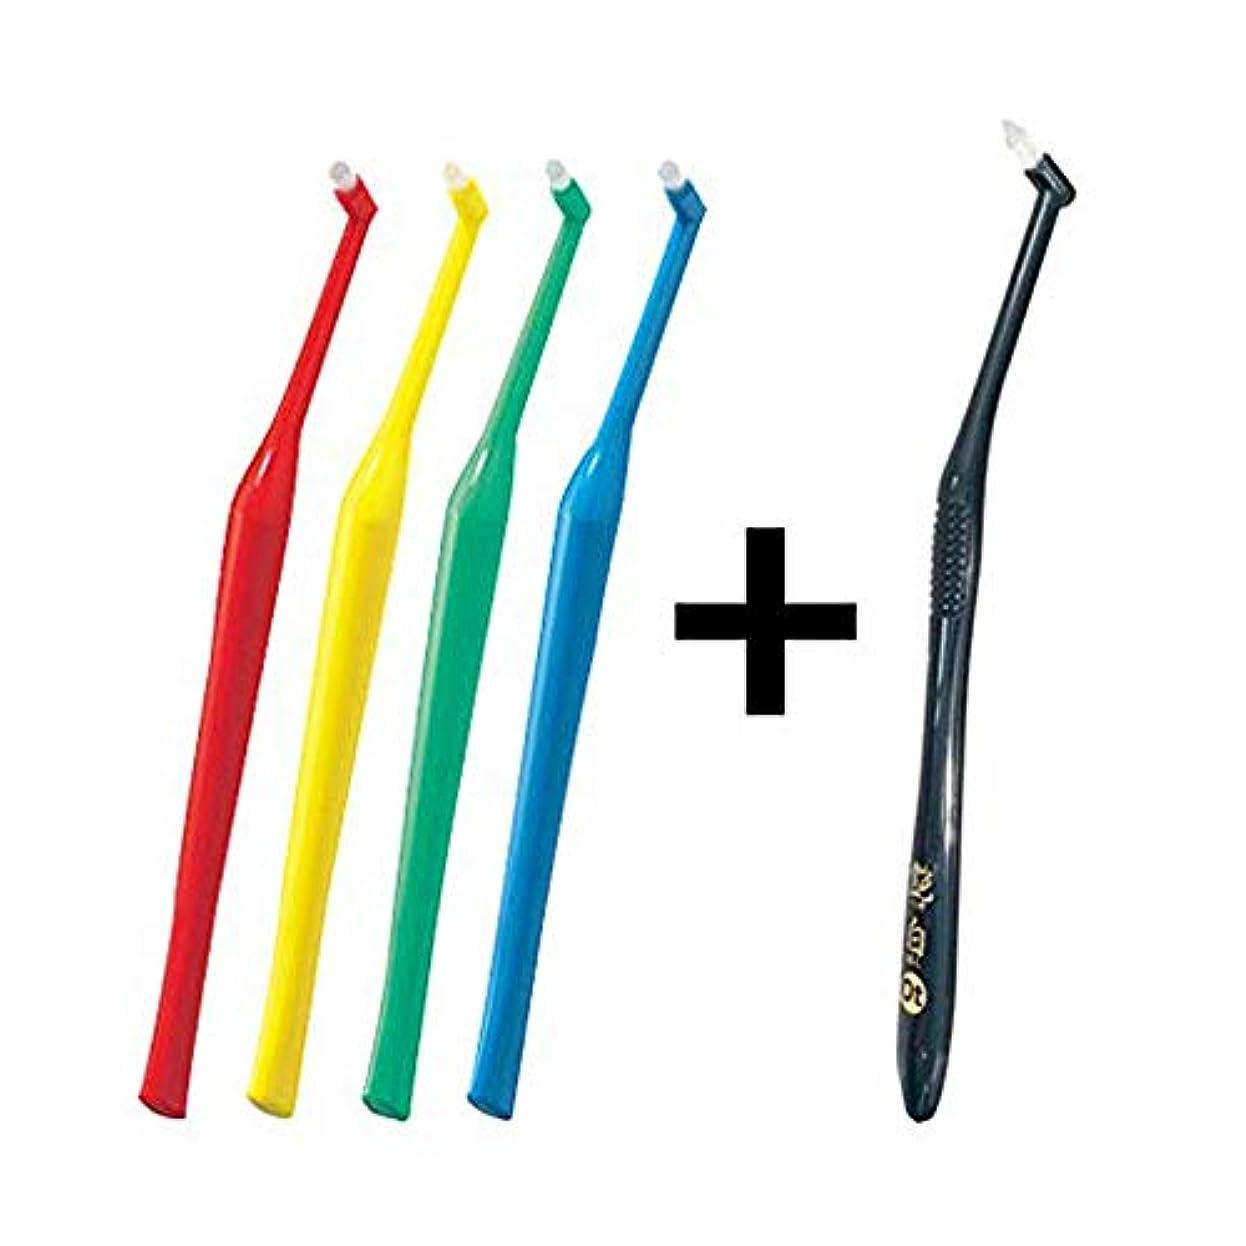 適切な偶然の北へプラウト Plaut × 4本 アソート (M(ミディアム))+艶白 ワンタフト 歯ブラシ 1本 MS(やややわらかめ) オーラルケア ポイントブラシ 歯科専売品